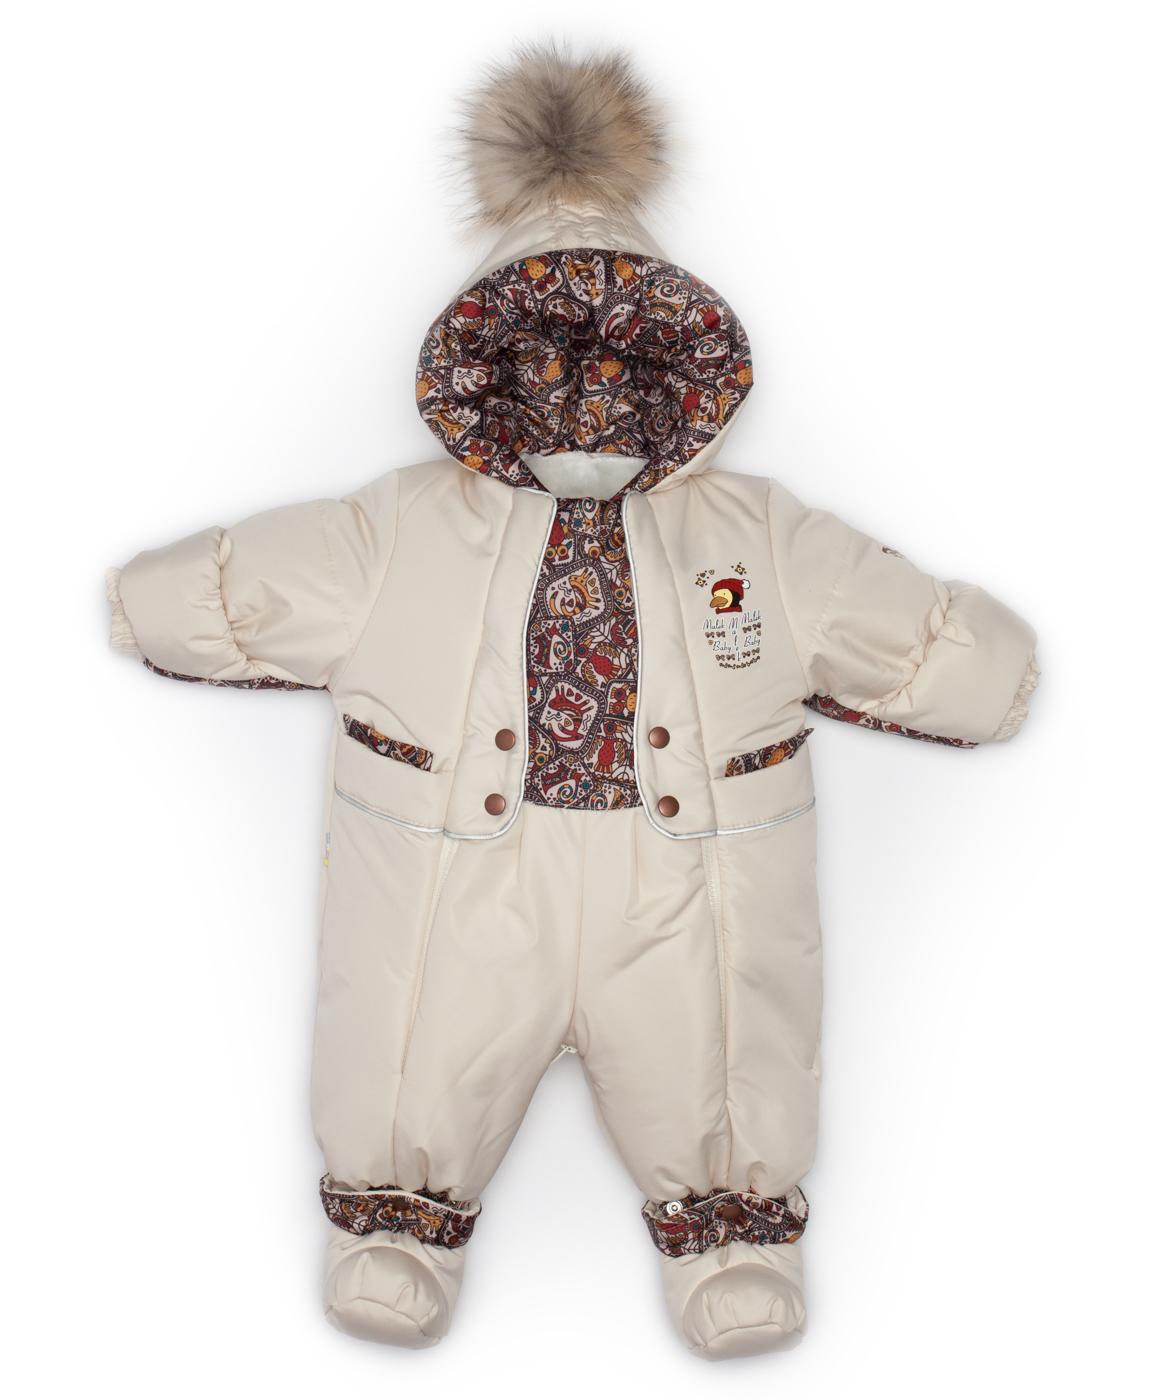 Сбор заказов. M_а_l_e_k B_a_b_y - бренд для самых маленьких - 27. Очаровательная, нежная и тёплая верхняя одежда на шерсти мериноса. Такие новинки - Обалдеть!!! Новое поступление трансформеров и костюмов до 92 размера!